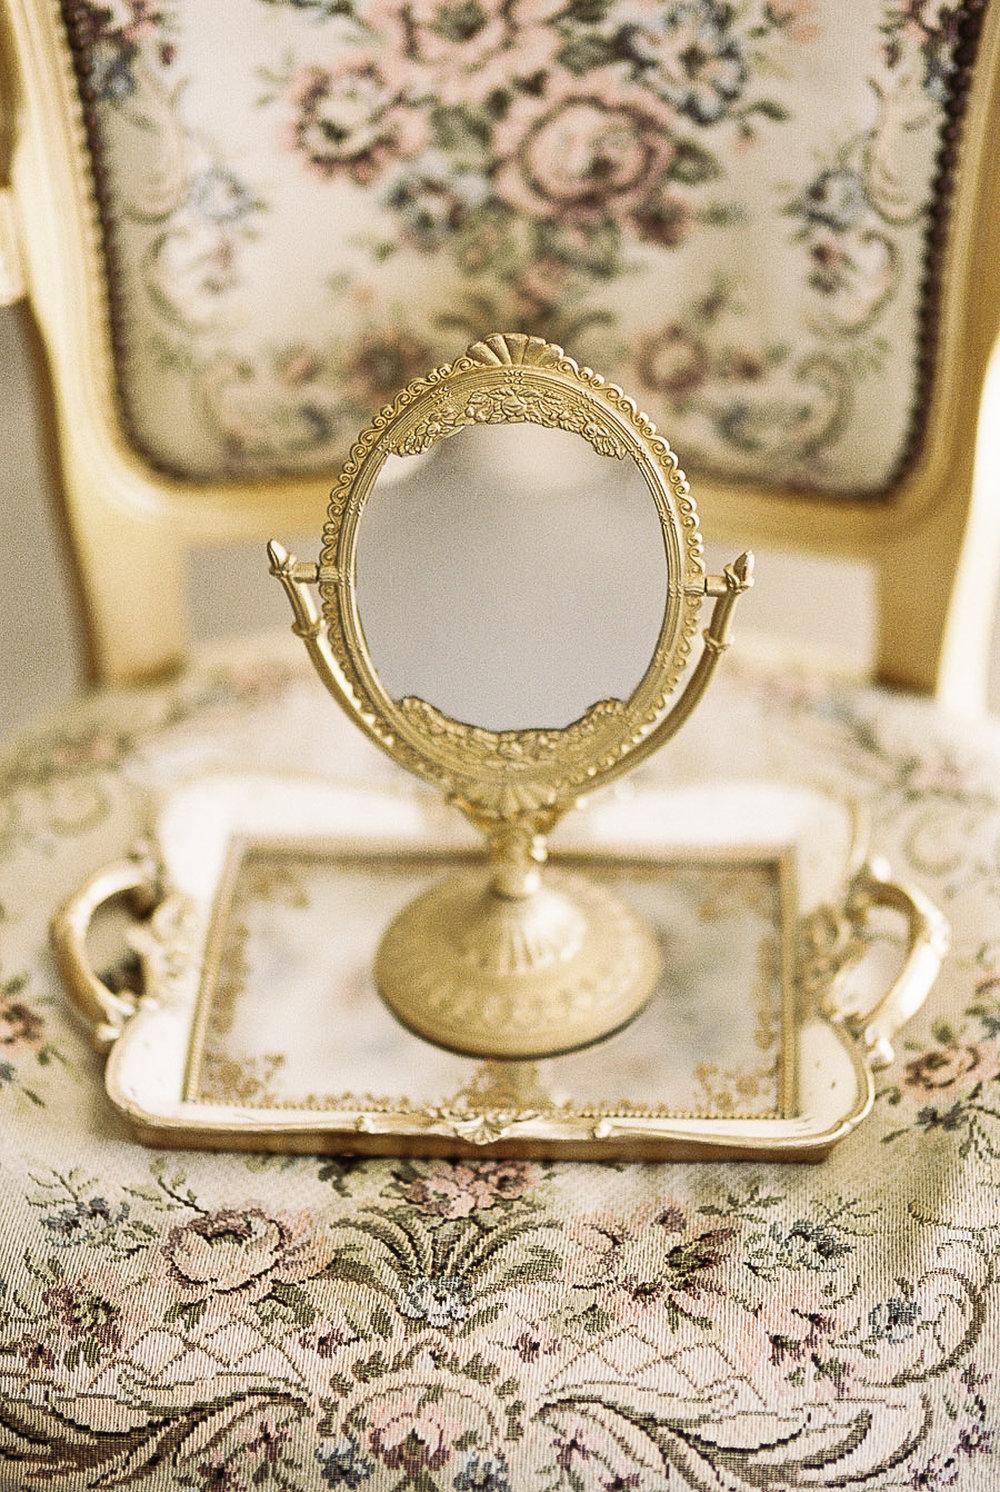 Lara_Lam_Vintage_Heirloom_wedding_photographer_Etablir_shop_vintage_rental104.jpg